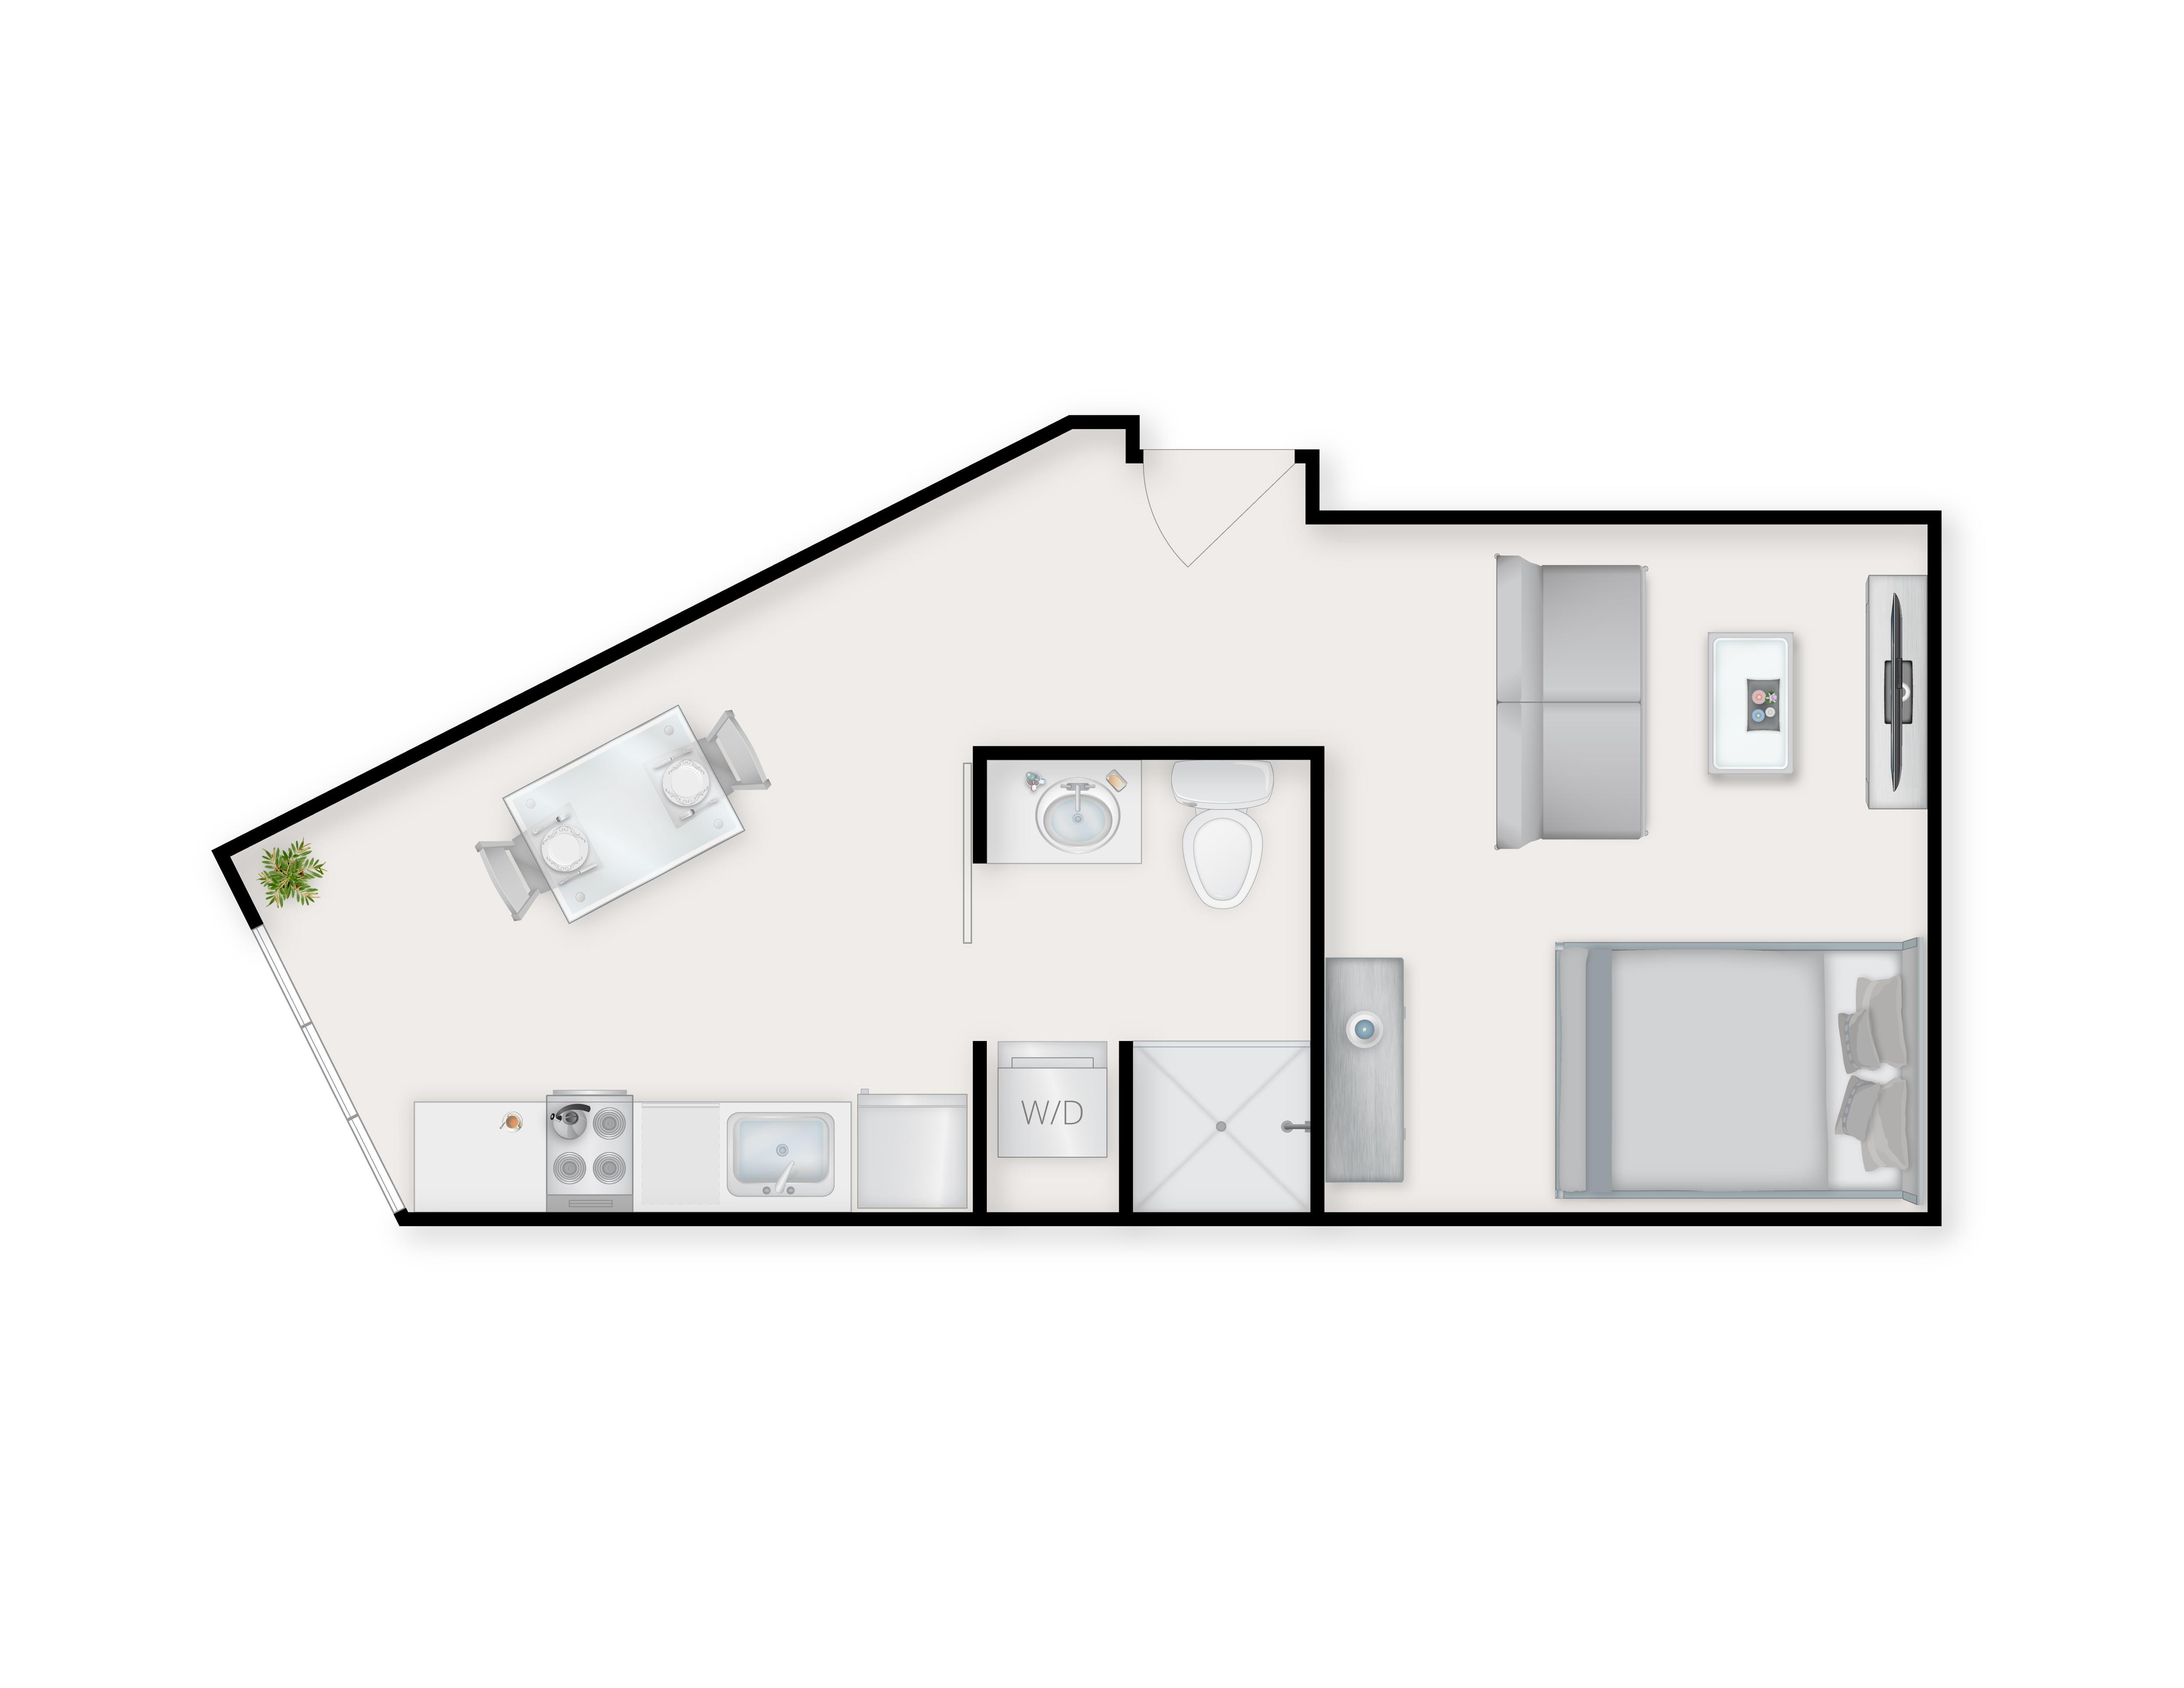 Studio Open Floor Plan